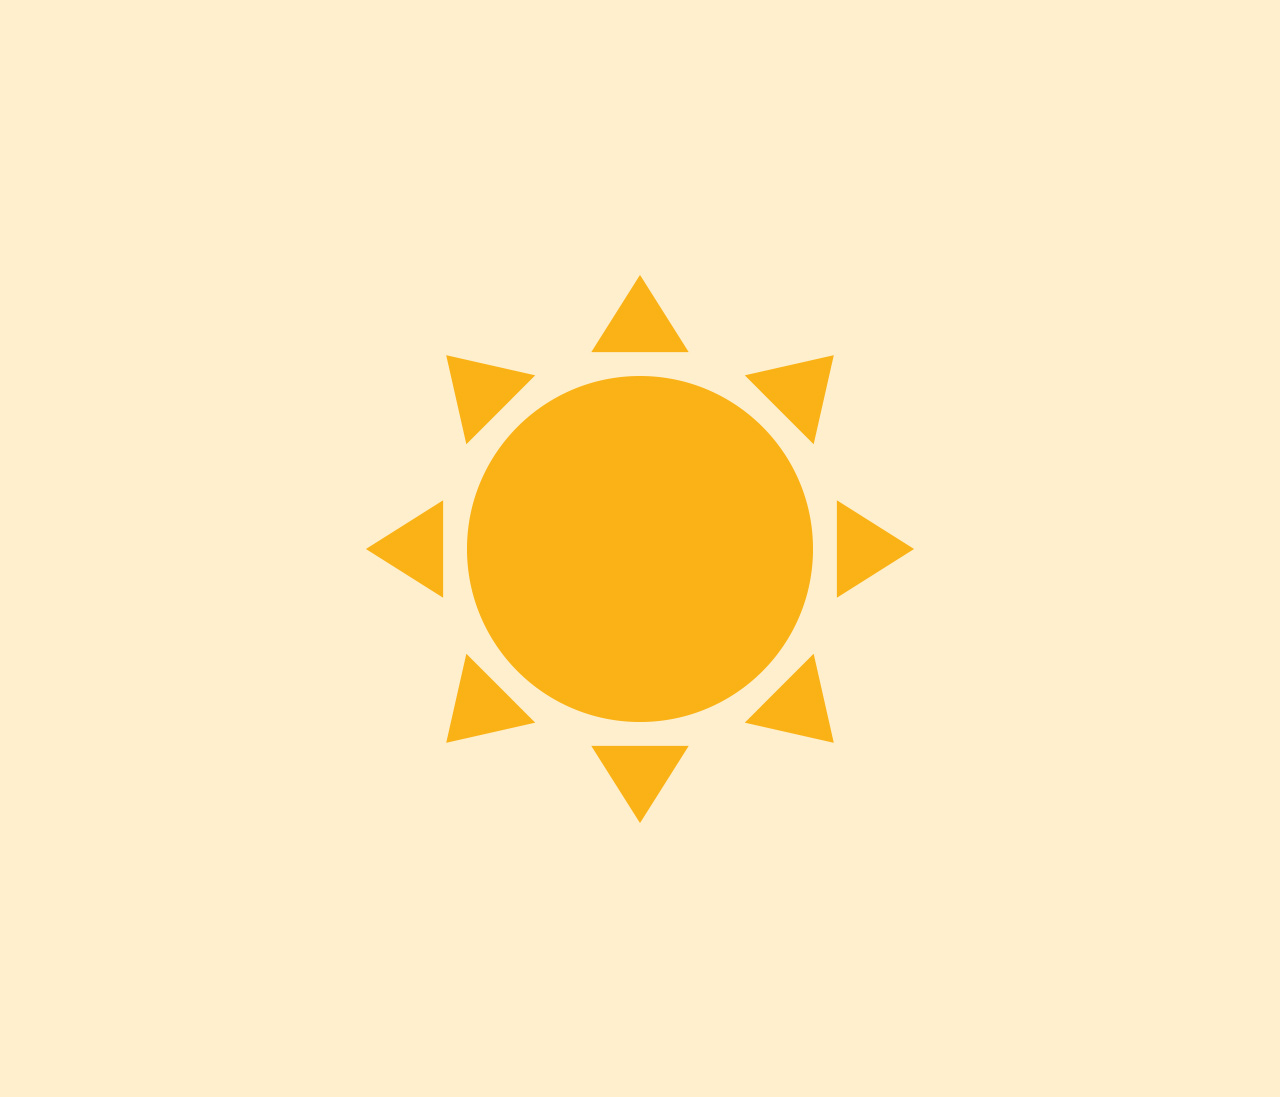 Hija_logo_star